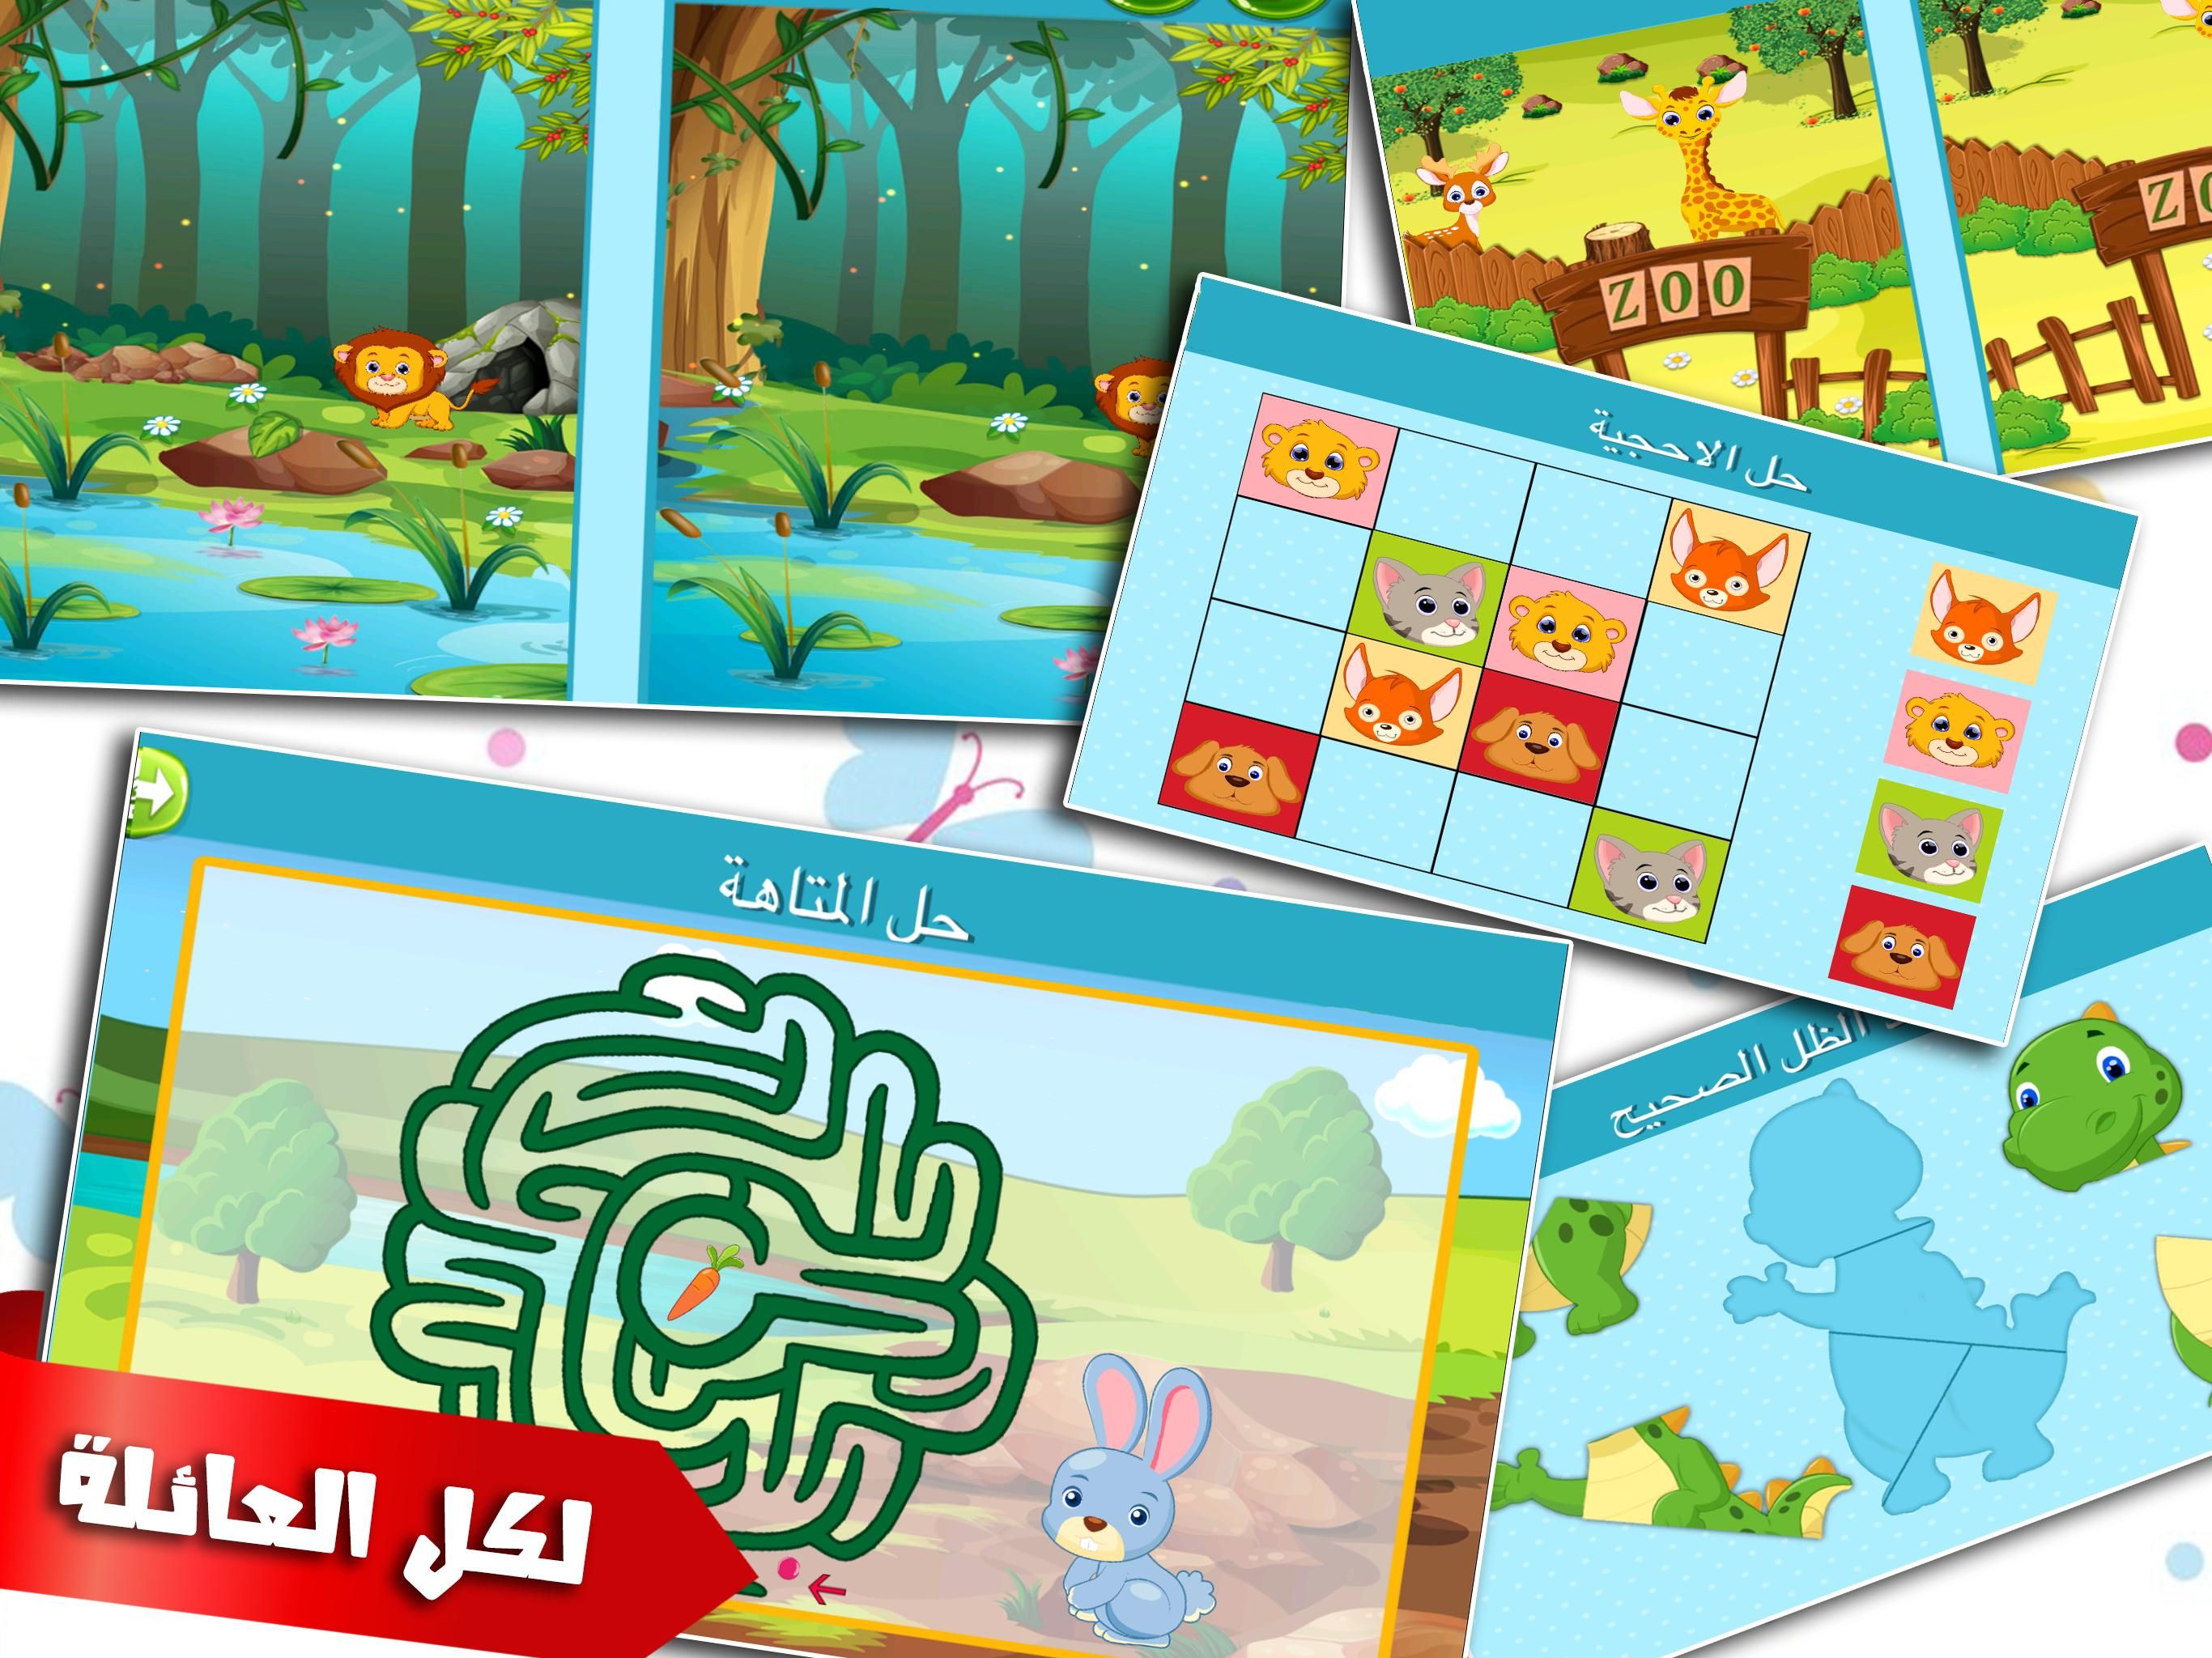 العاب ذكاء اطفال و بنات تعليمية التعليم و الذكاء 1.0.1 Screenshot 8